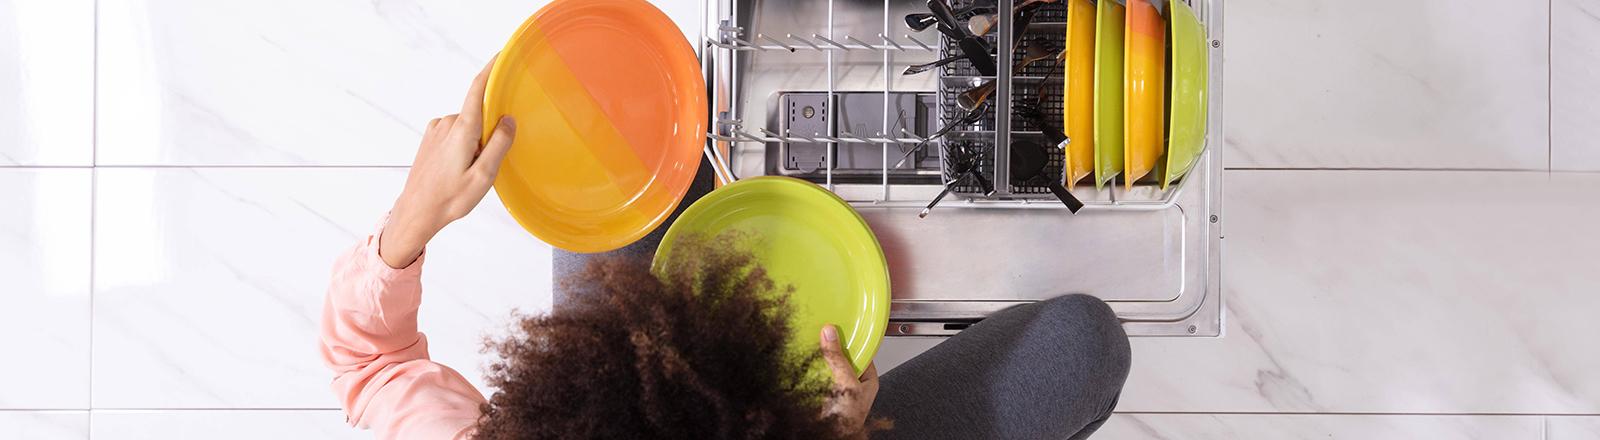 Frau räumt Spülmaschine aus.